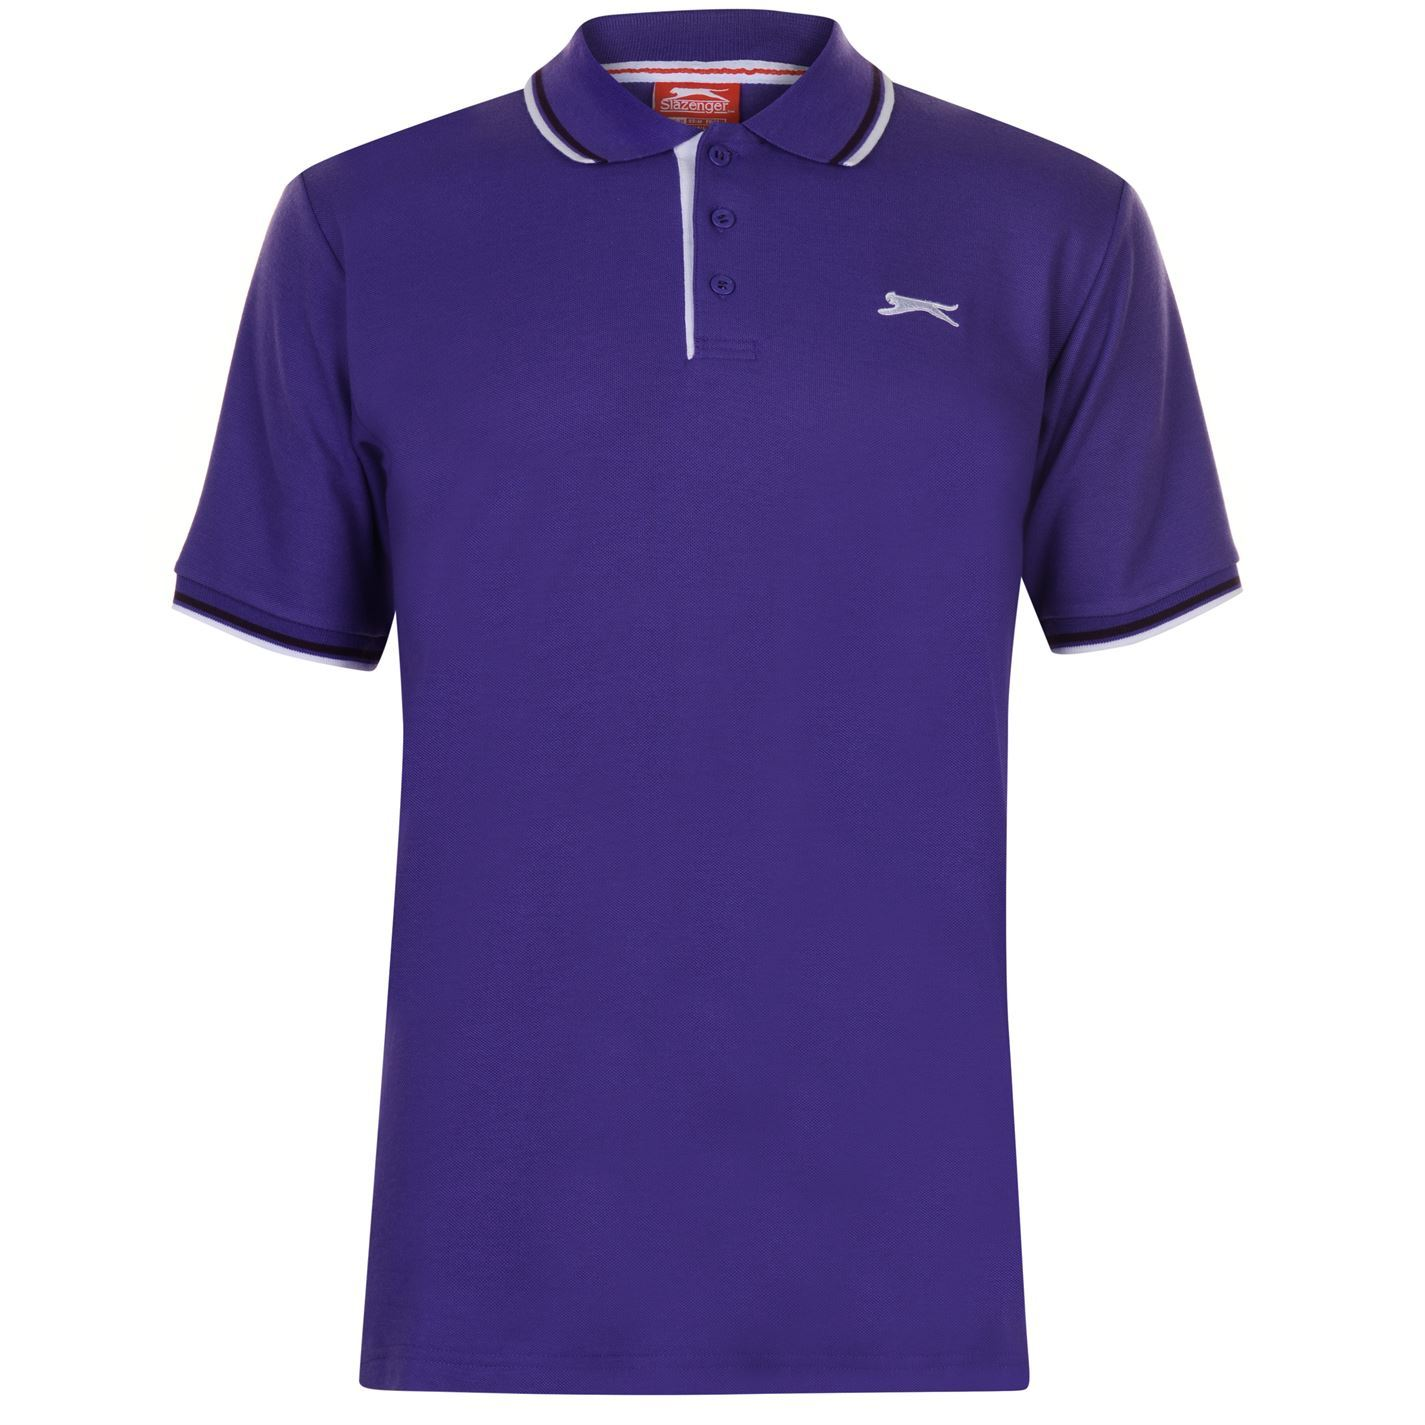 Slazenger-Polo-Camisa-de-hombre-con-cuello-con-Punta-T-Shirt-Top-Camiseta-Tee miniatura 62